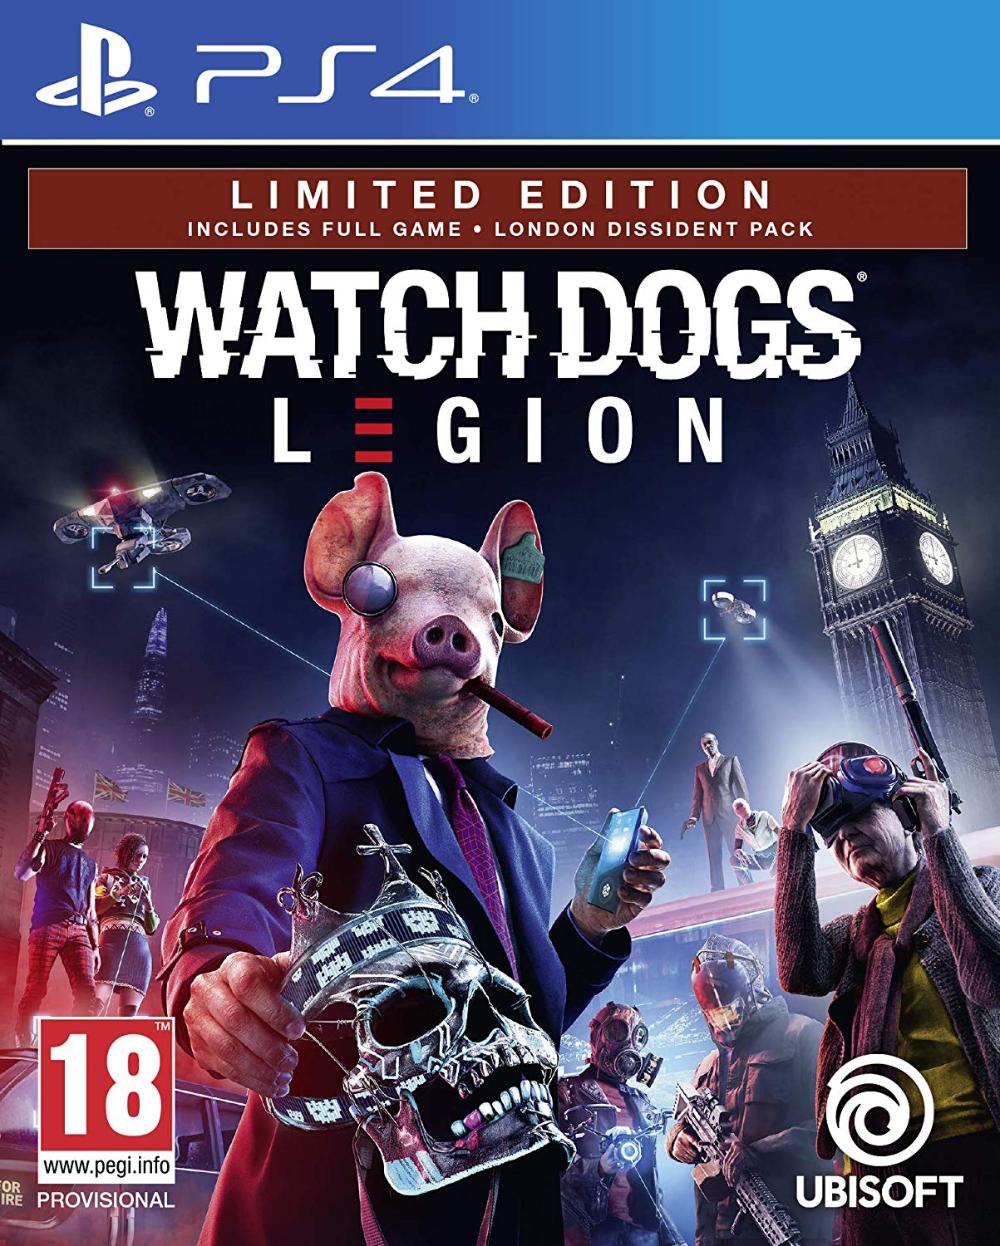 Pin de Guilherme Gerhardt em Sony em 2020 Xbox